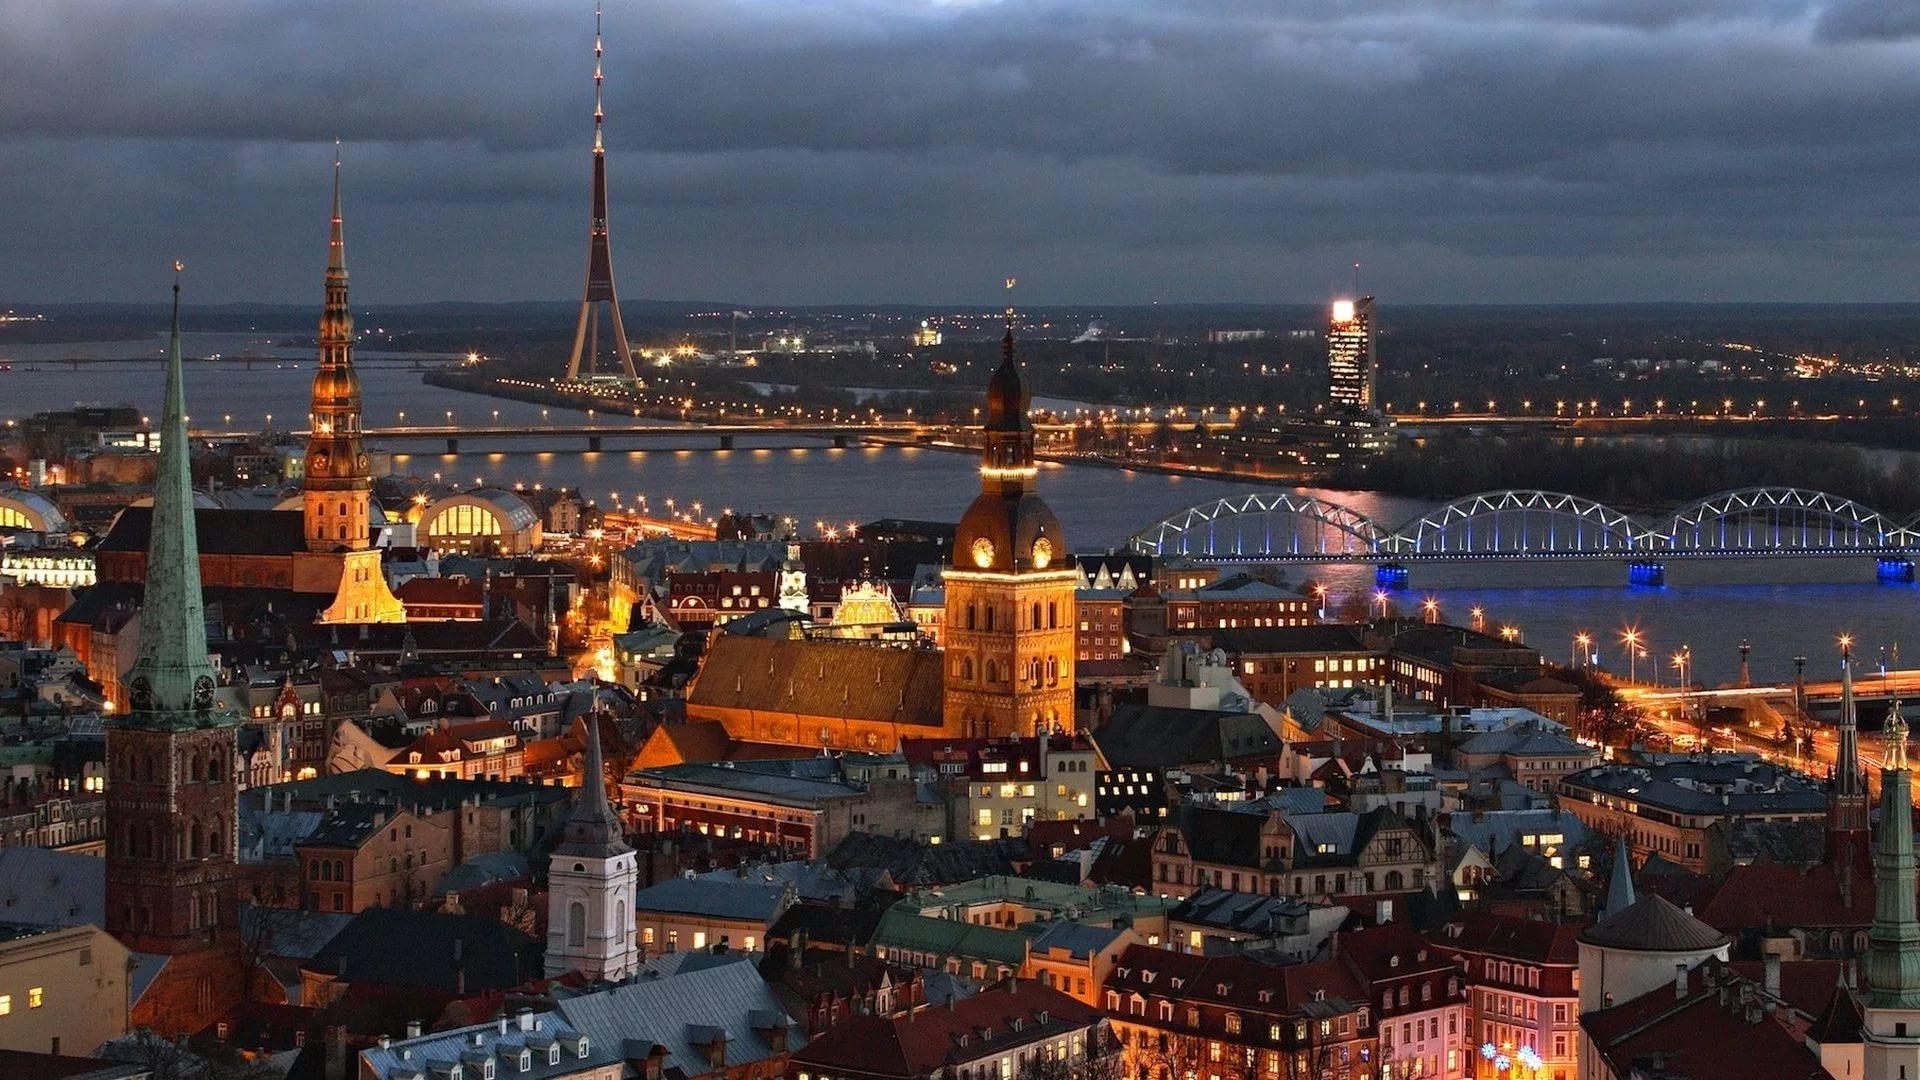 Riga, capitale de la Lettonie, nuit